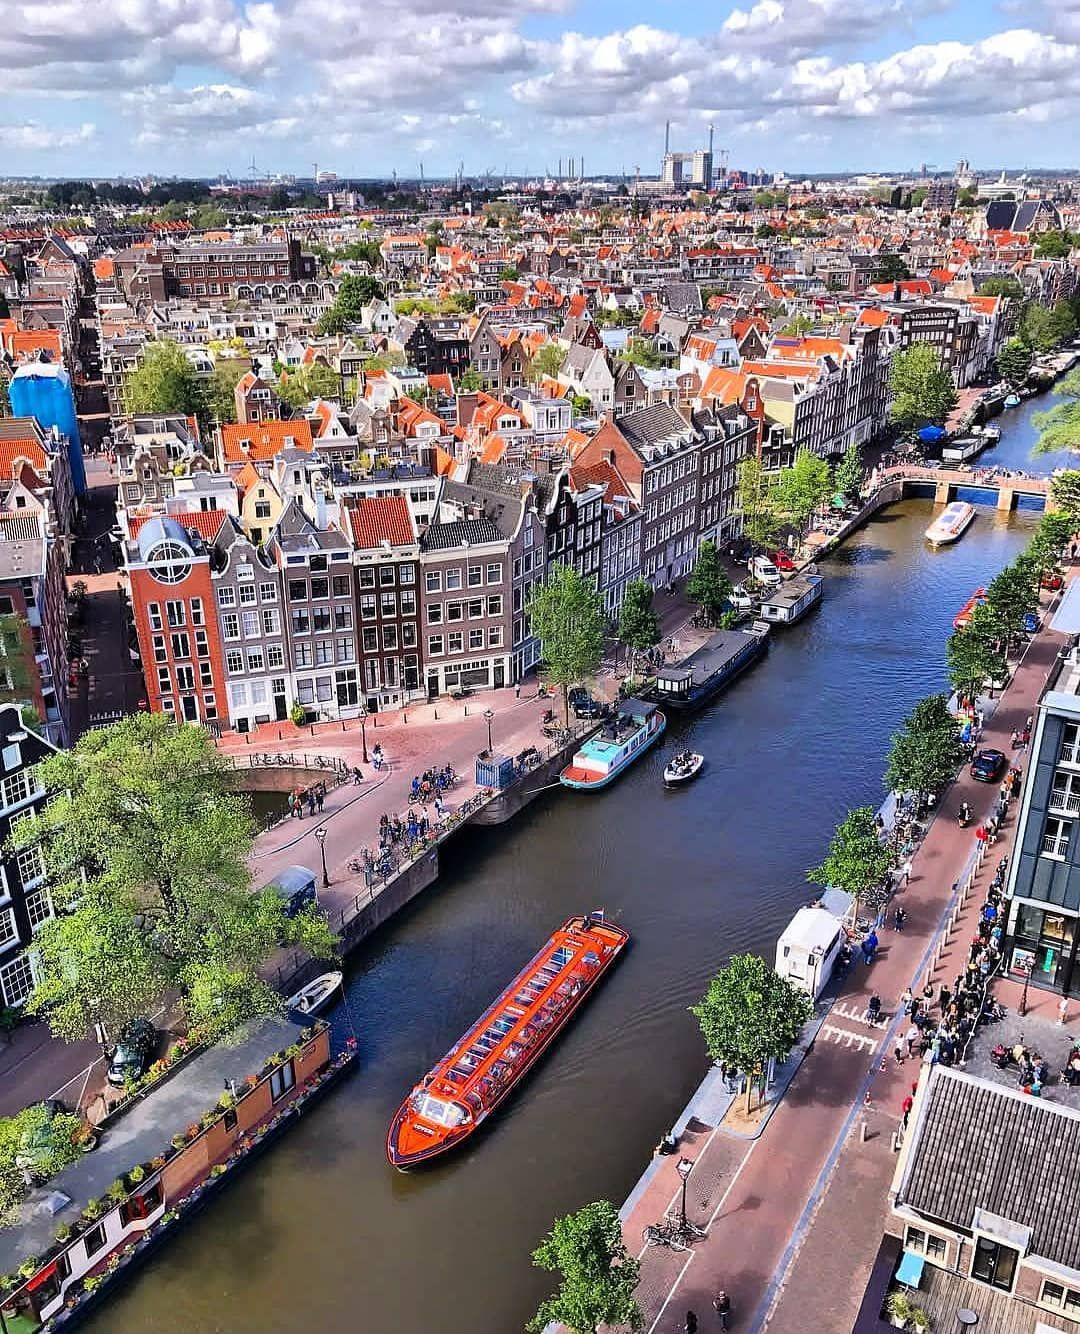 голландия интересные факты фото звездный дом унывает